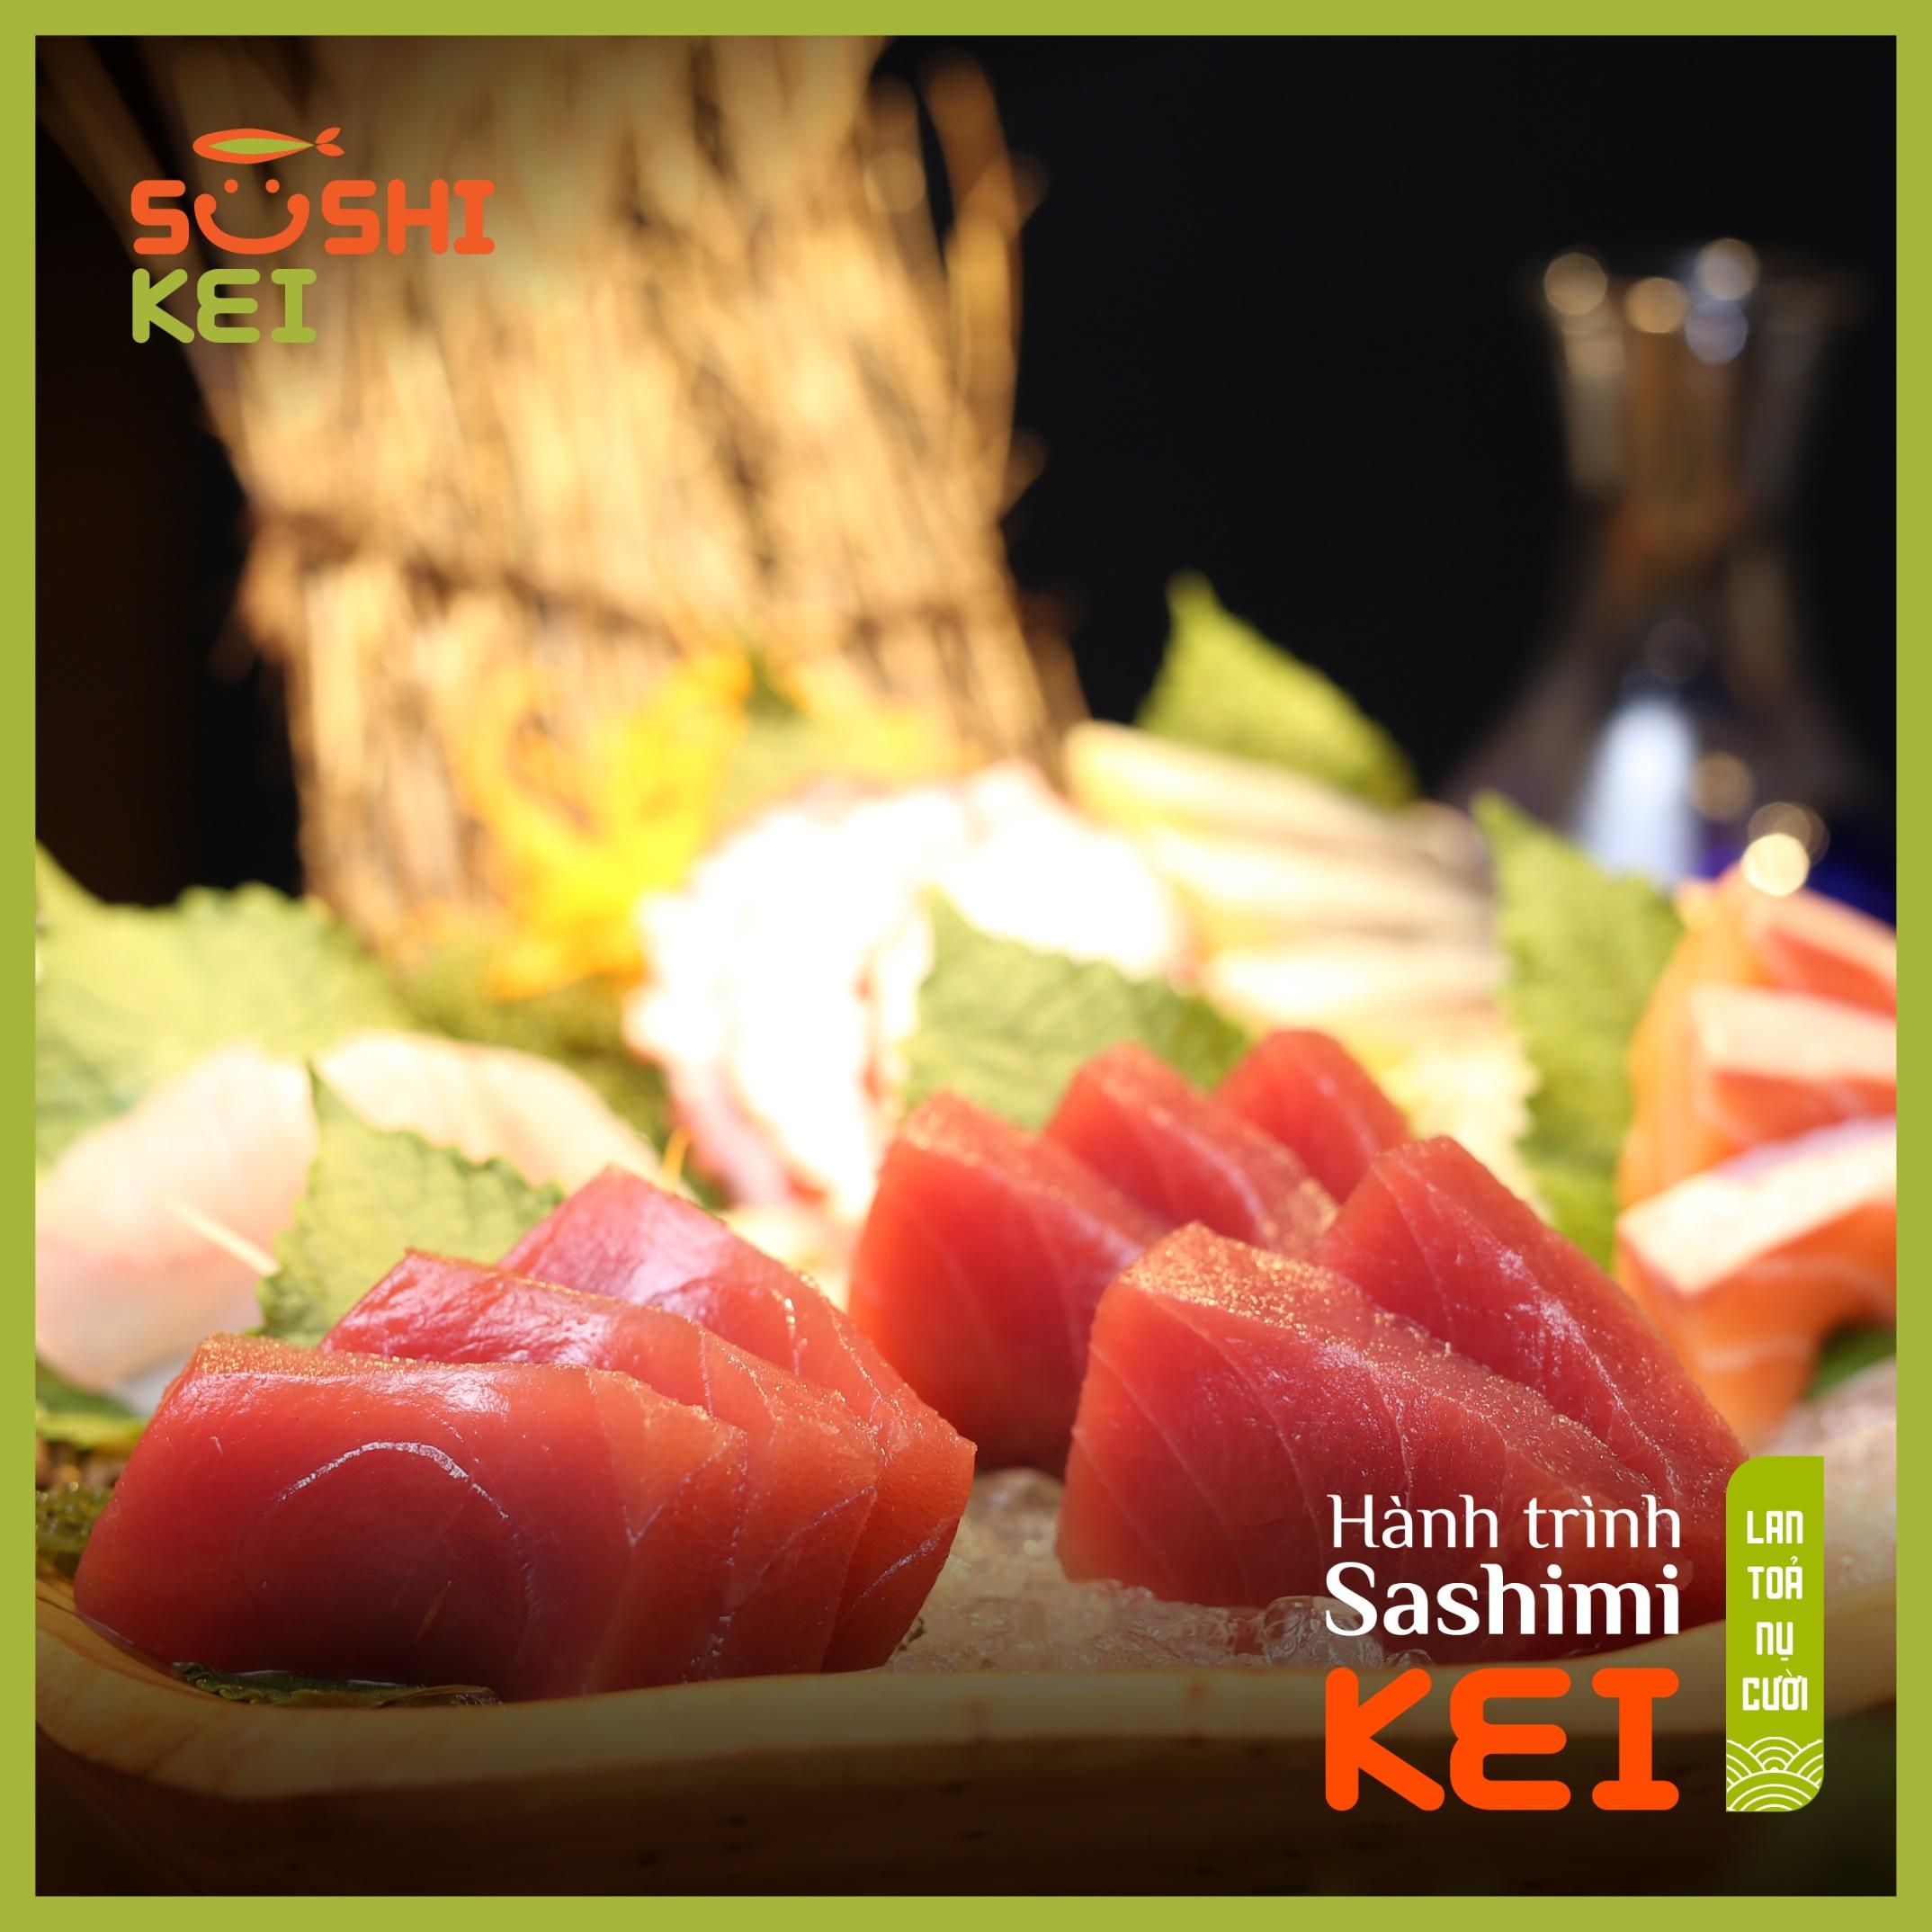 Kinh ngạc với cá ngừ khổng lồ 80kg cùng màn trình diễn chế biến chuyên nghiệp ngay tại nhà hàng Nhật - Sushi Kei - Ảnh 5.